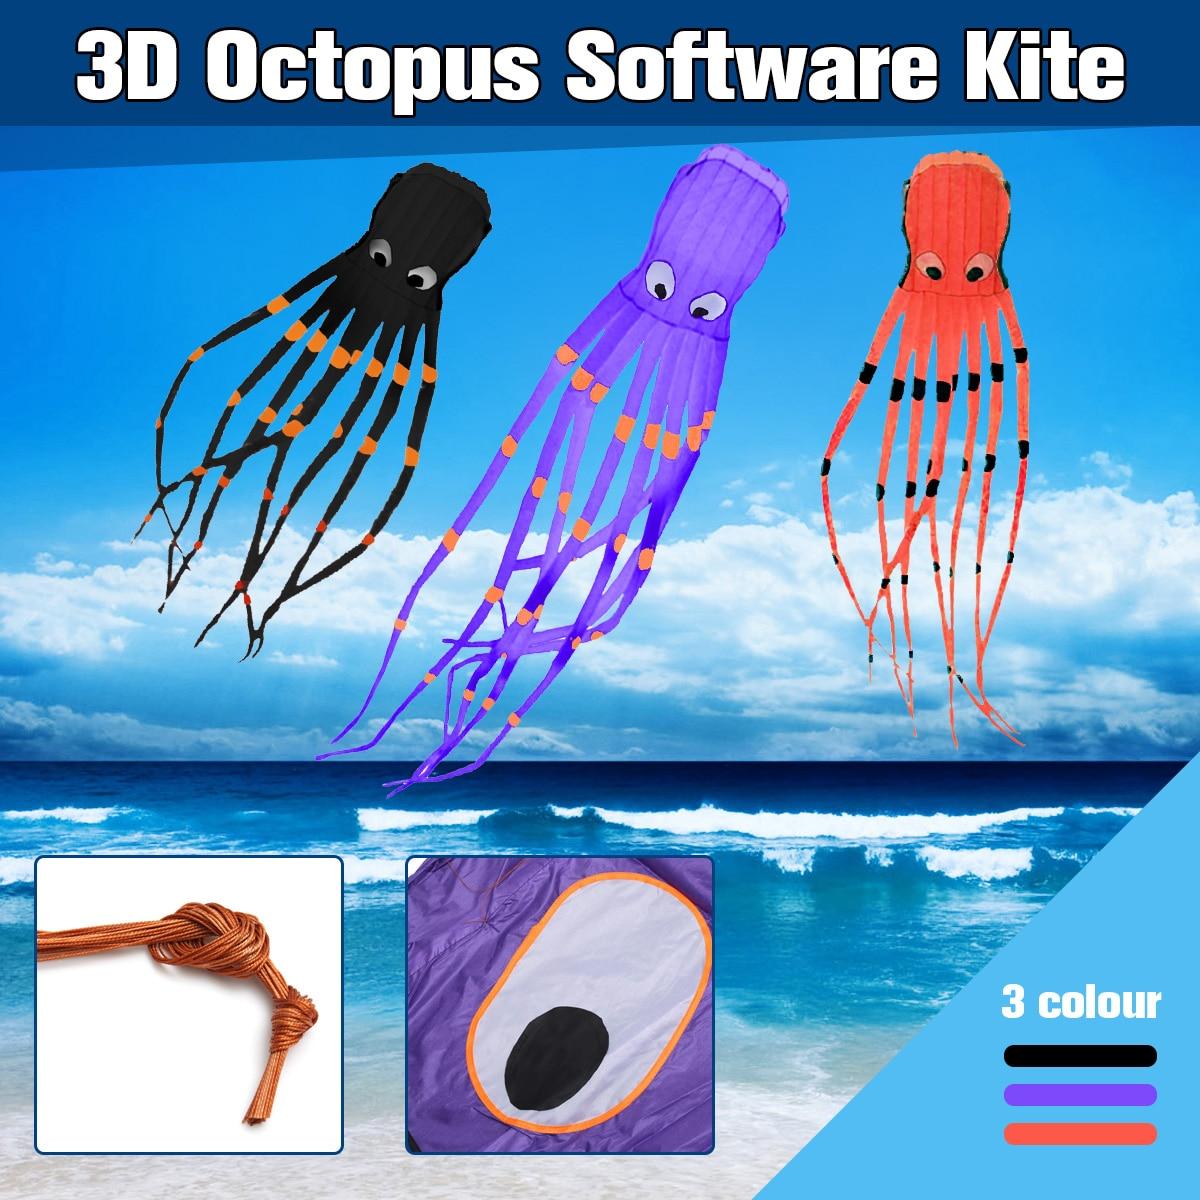 3D pieuvre Nylon cerf-volant Sport de plein air 8 M doux sans cadre cerf-volant volant longues queues parfait pour les enfants adultes plage parc vacances